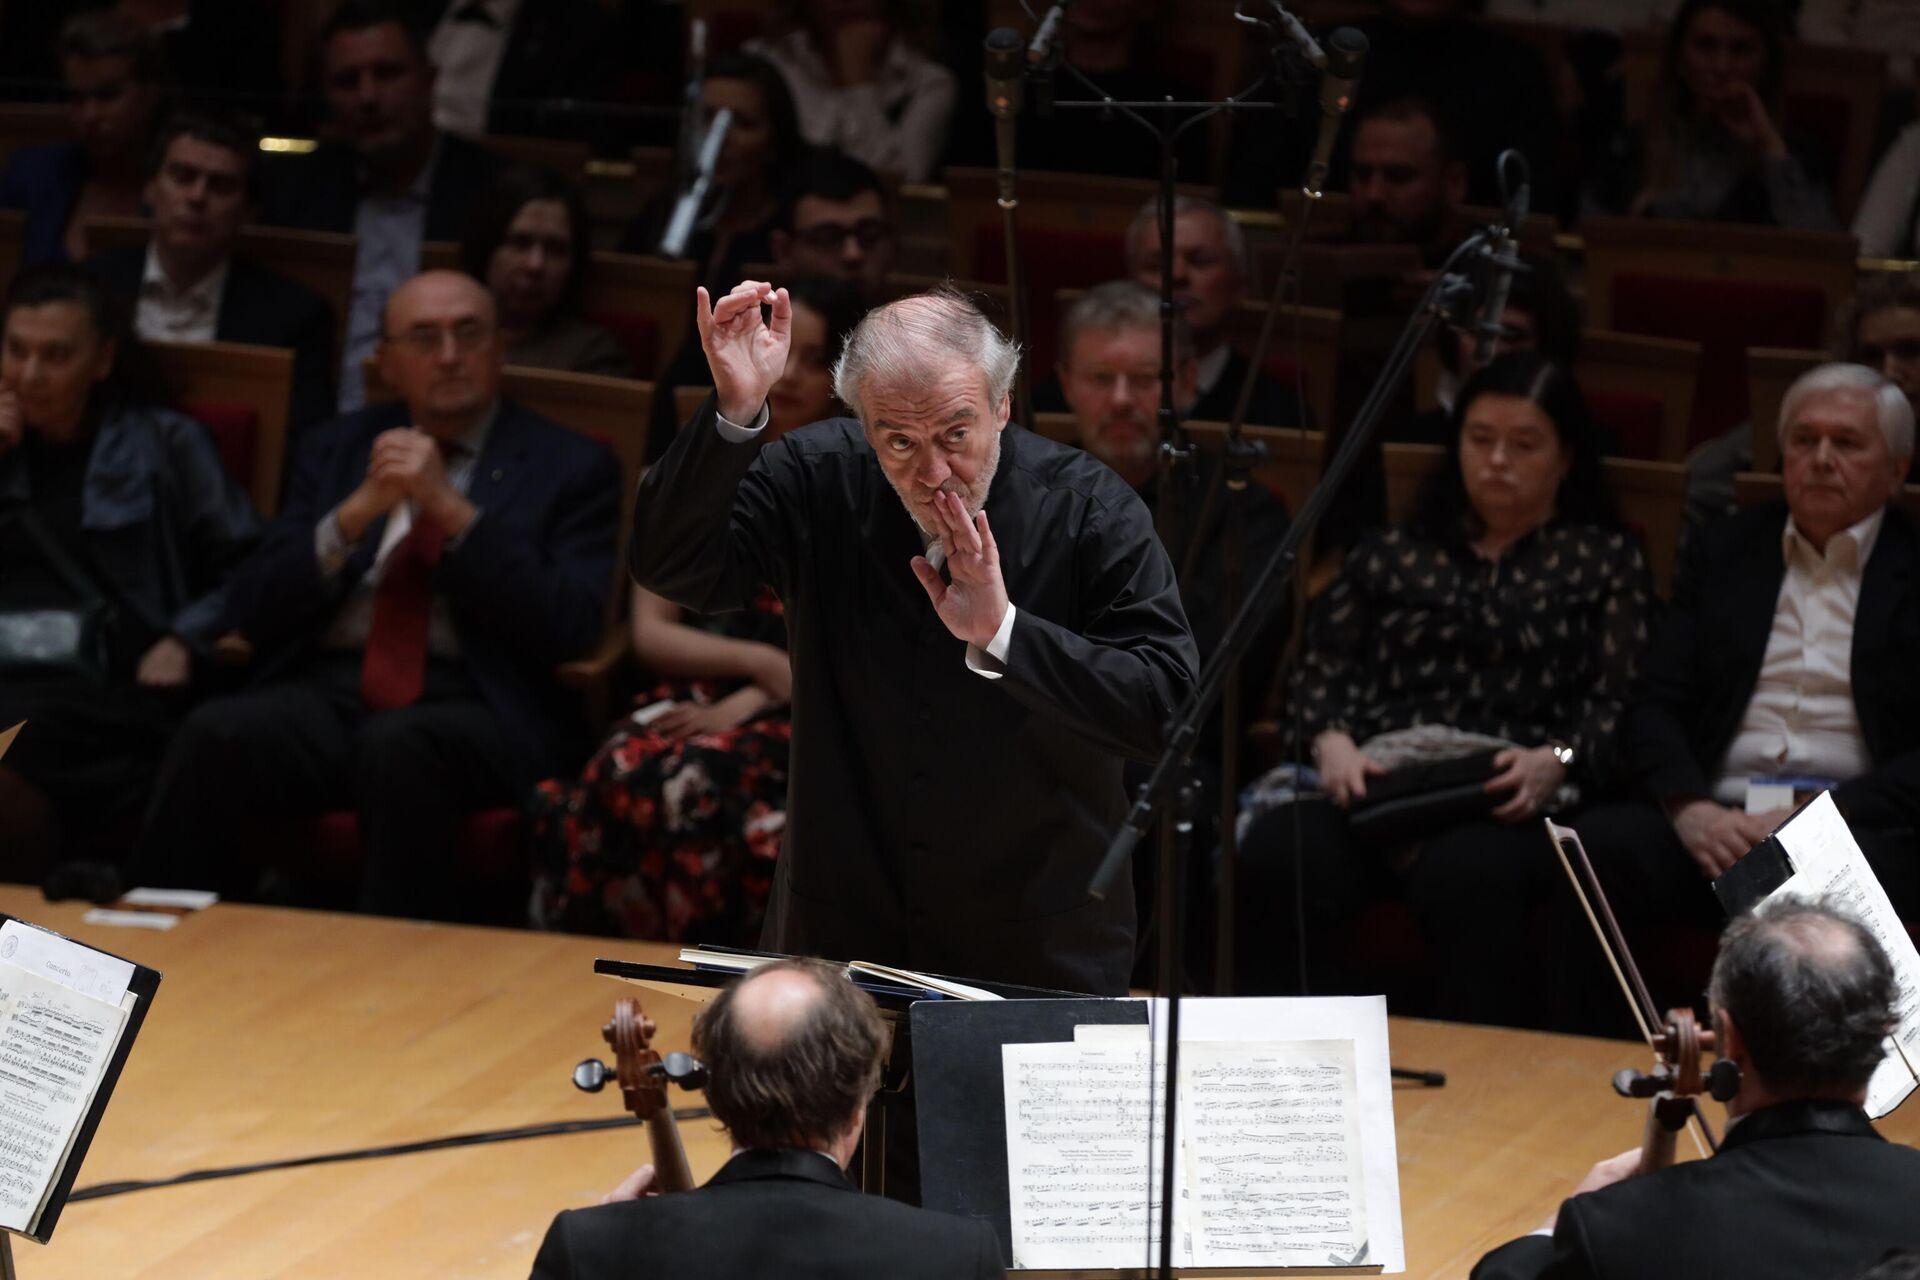 1578071074 0:0:3072:2048 1920x0 80 0 0 35b869c615bf8e0bbc8dc02c657404b6 - Солисты и оркестр Мариинки открывают гастроли в Париже и Люксембурге